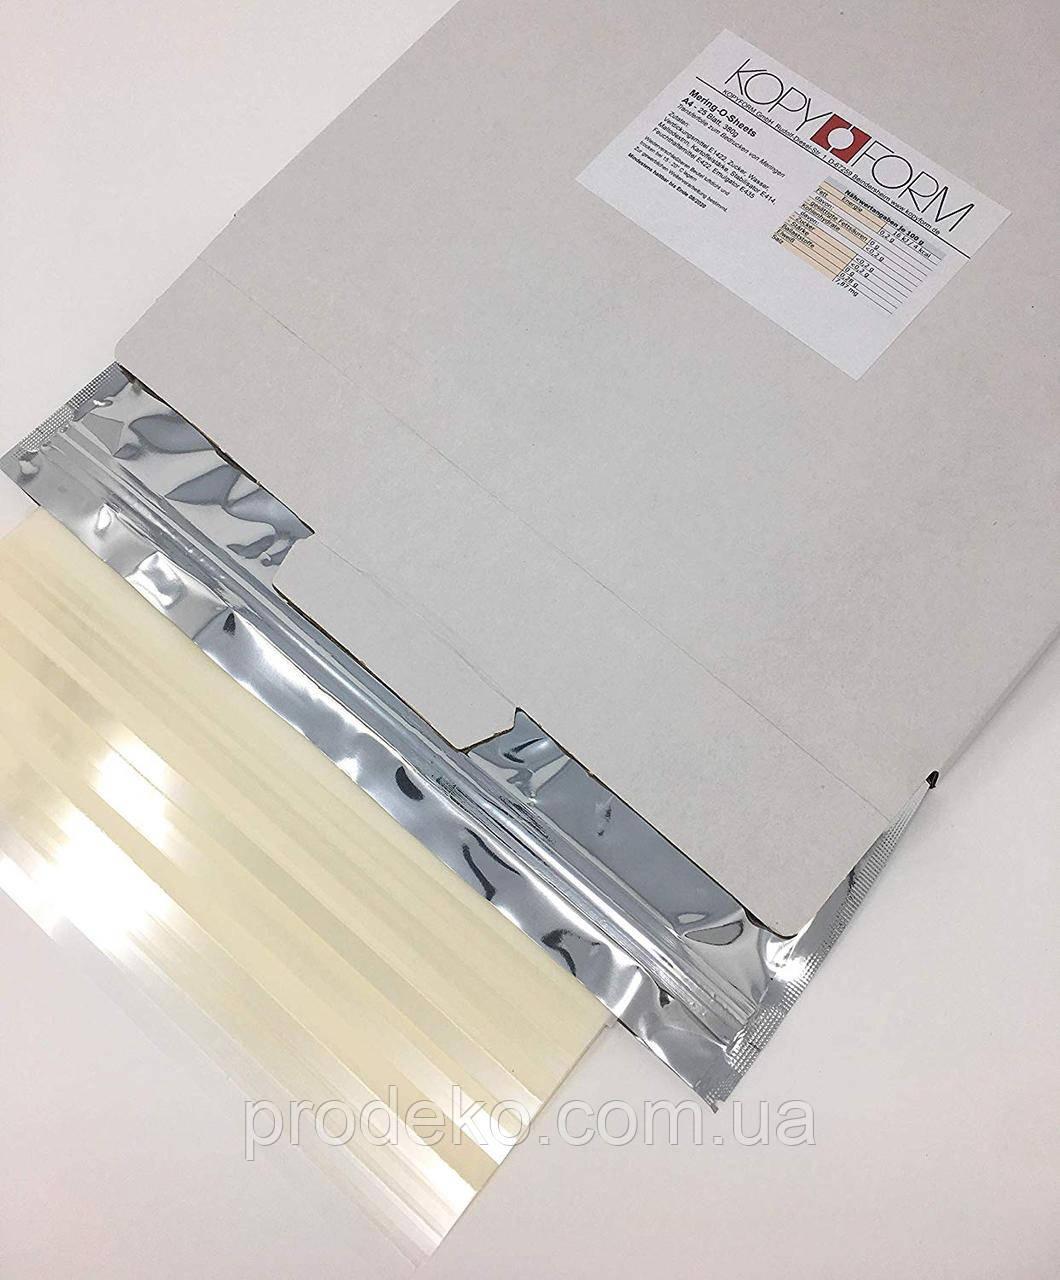 Бумага для меренги KopyForm Meringue-Sheets A4 25 sheets